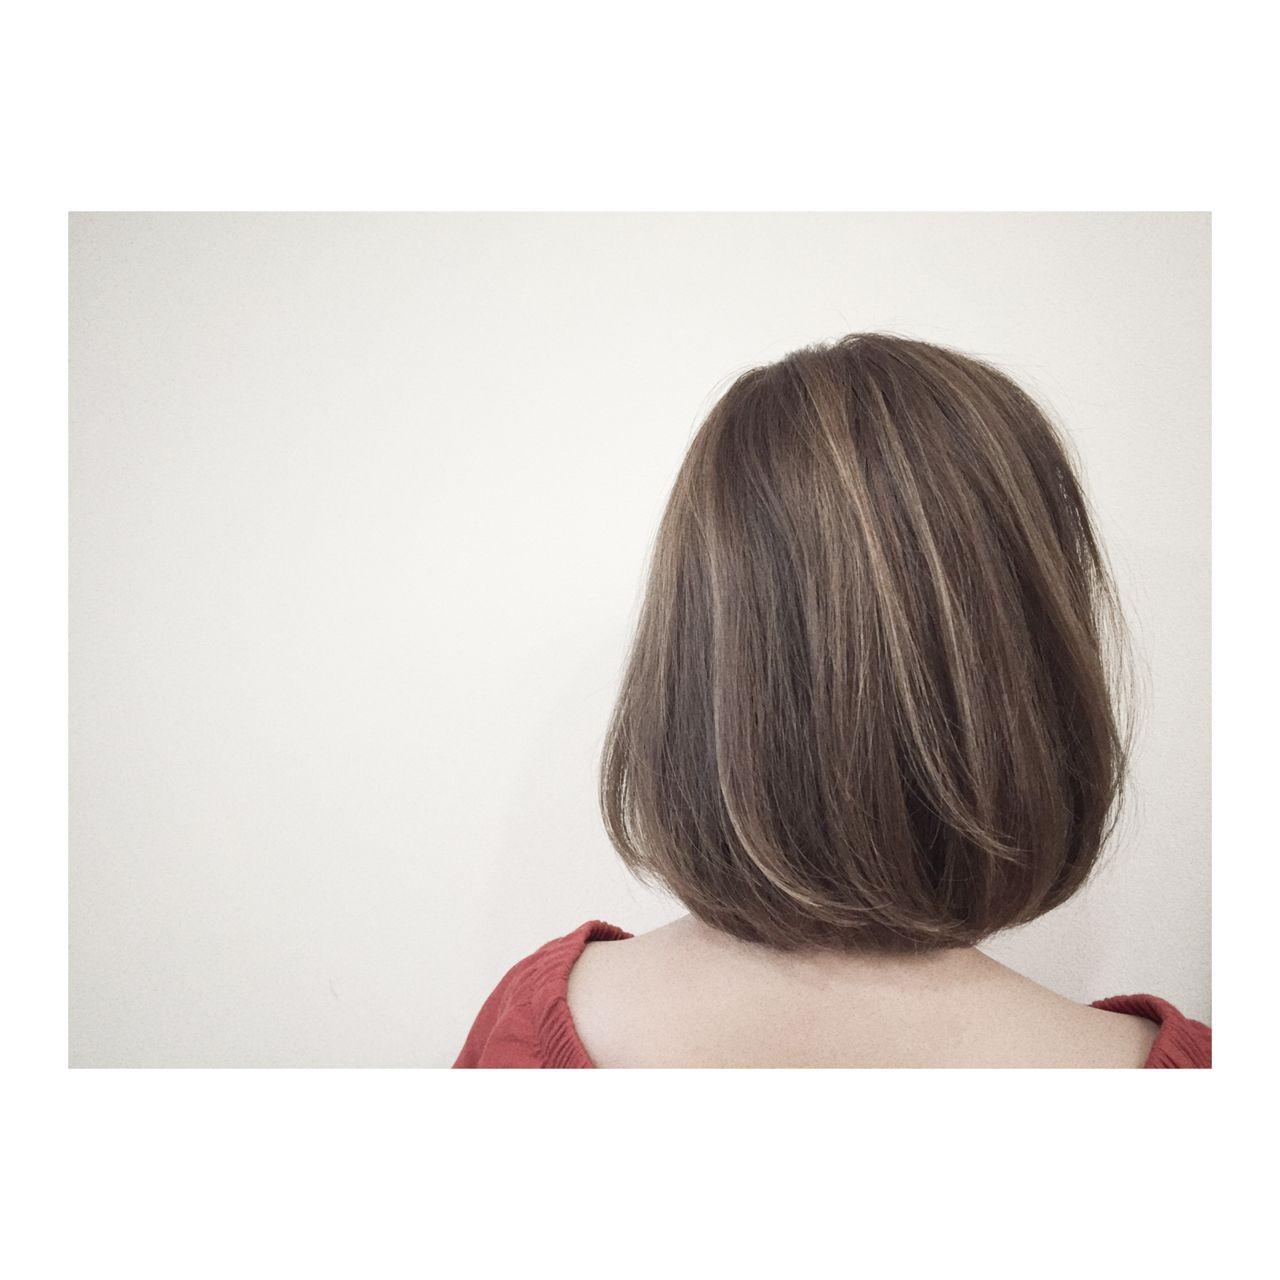 ミディアム マルサラ 大人かわいい ウェットヘア ヘアスタイルや髪型の写真・画像